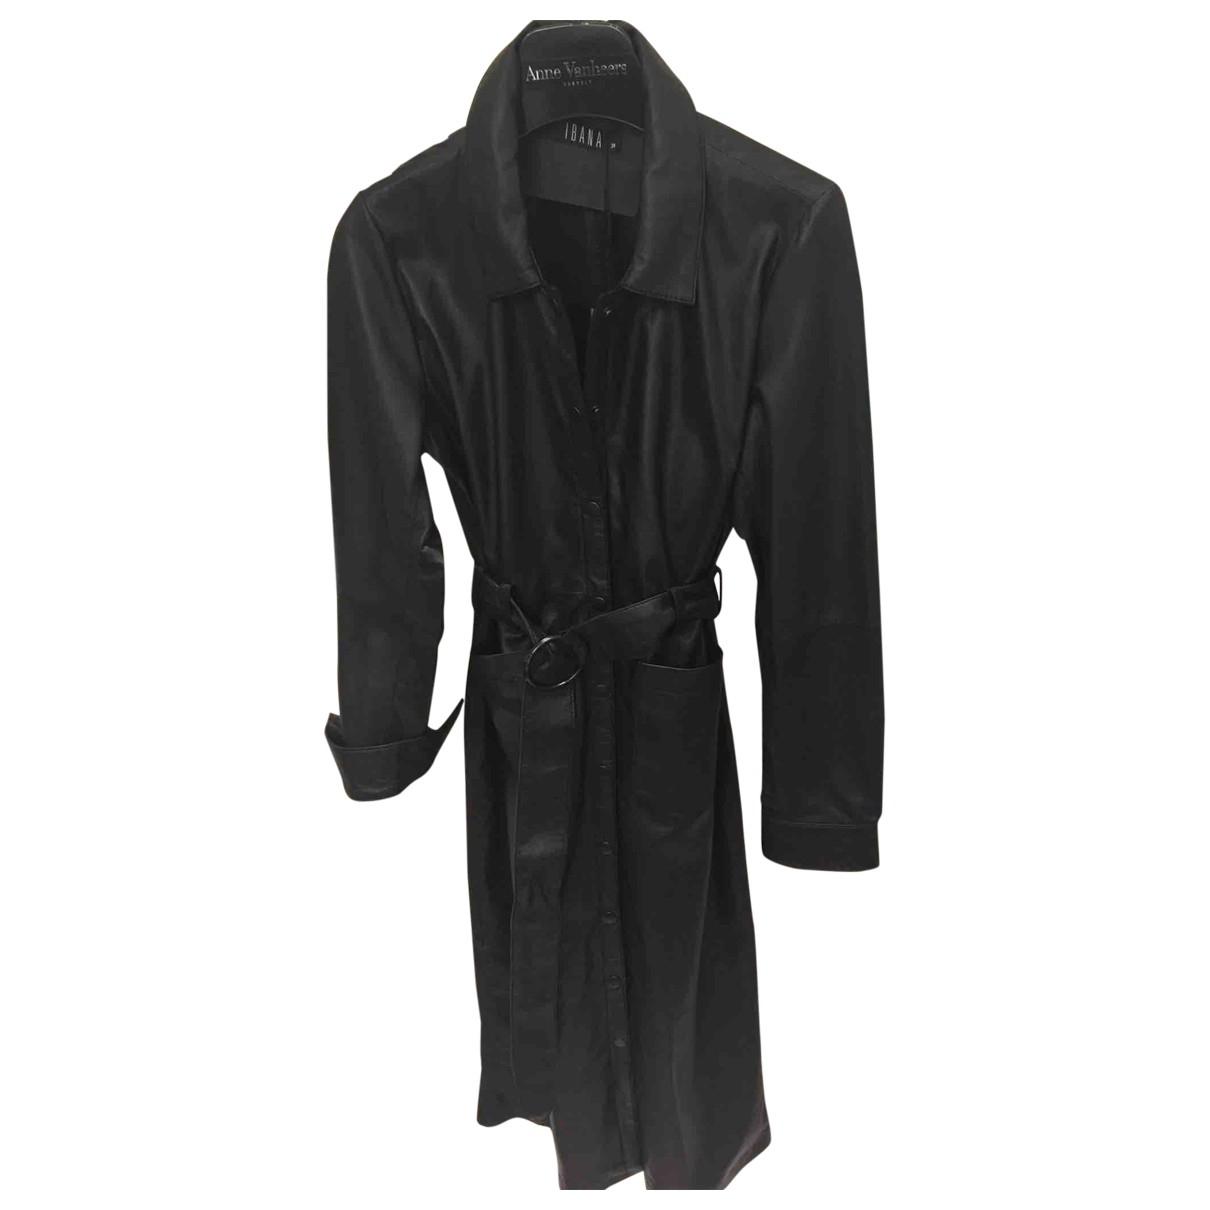 Ibana - Robe   pour femme en cuir - noir